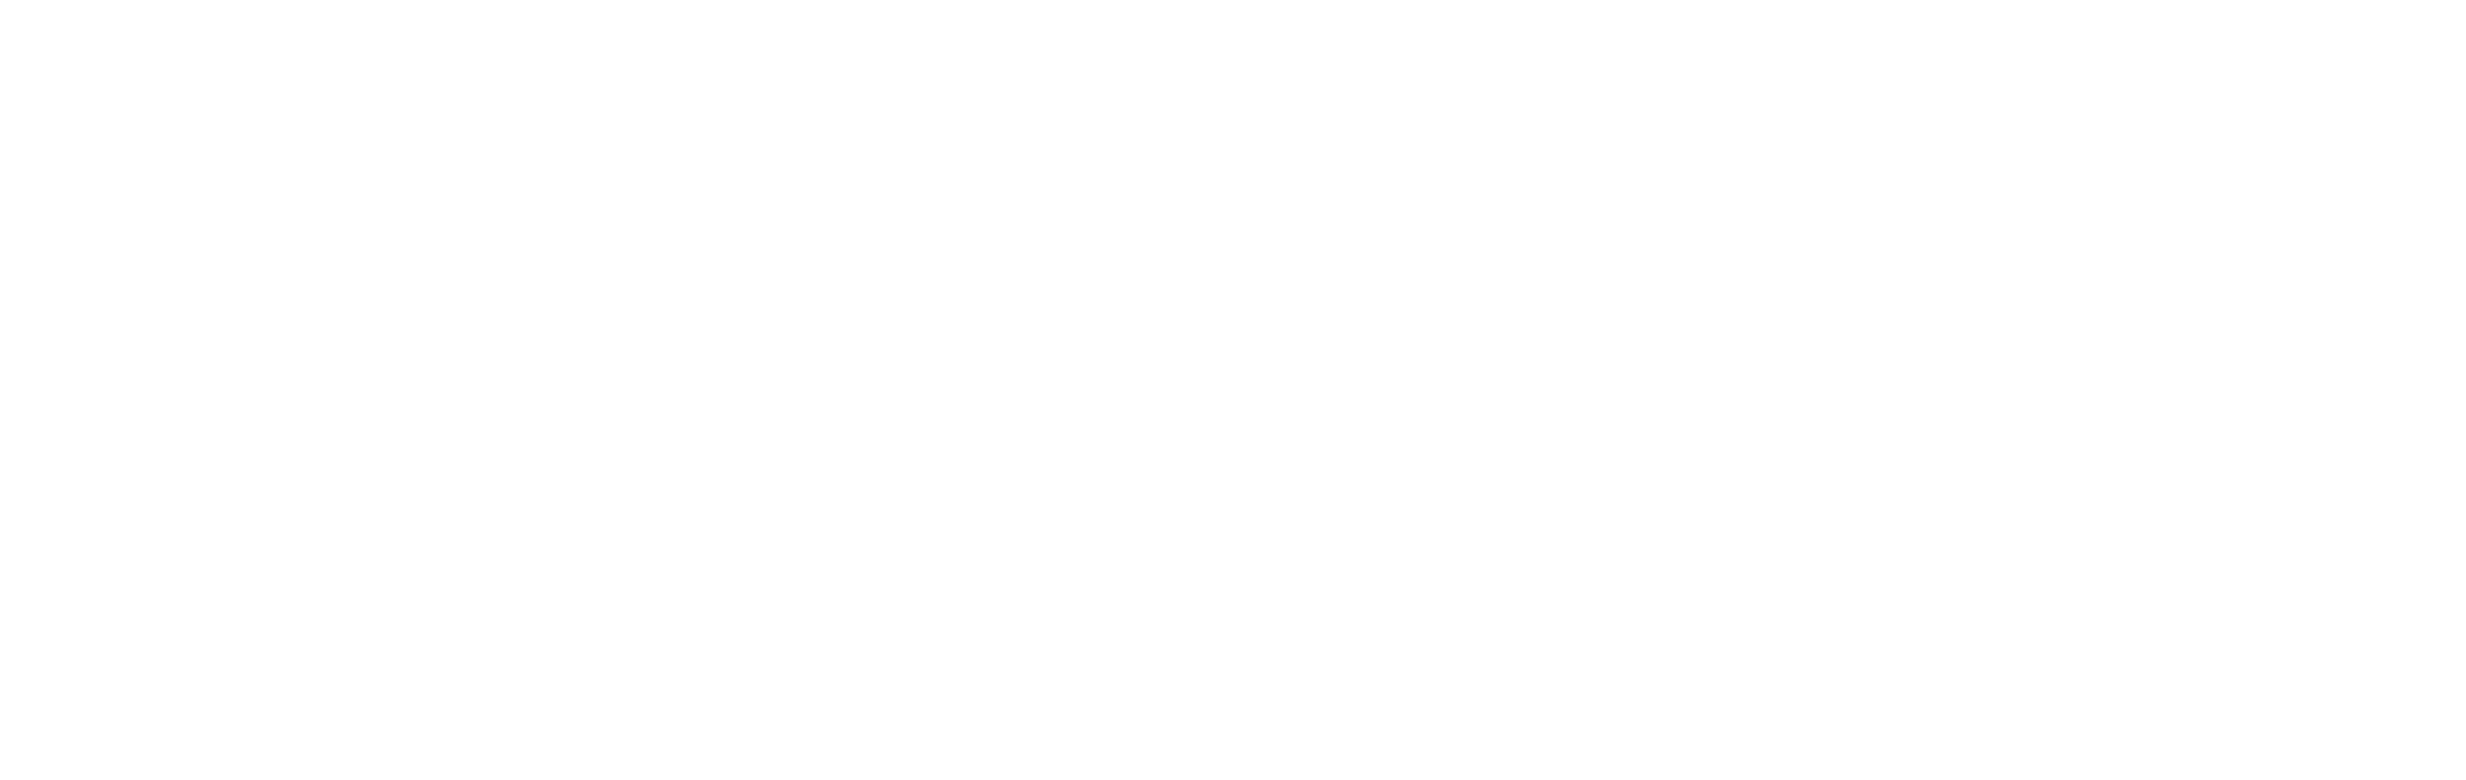 CloudBlu_NewEra_logo_white